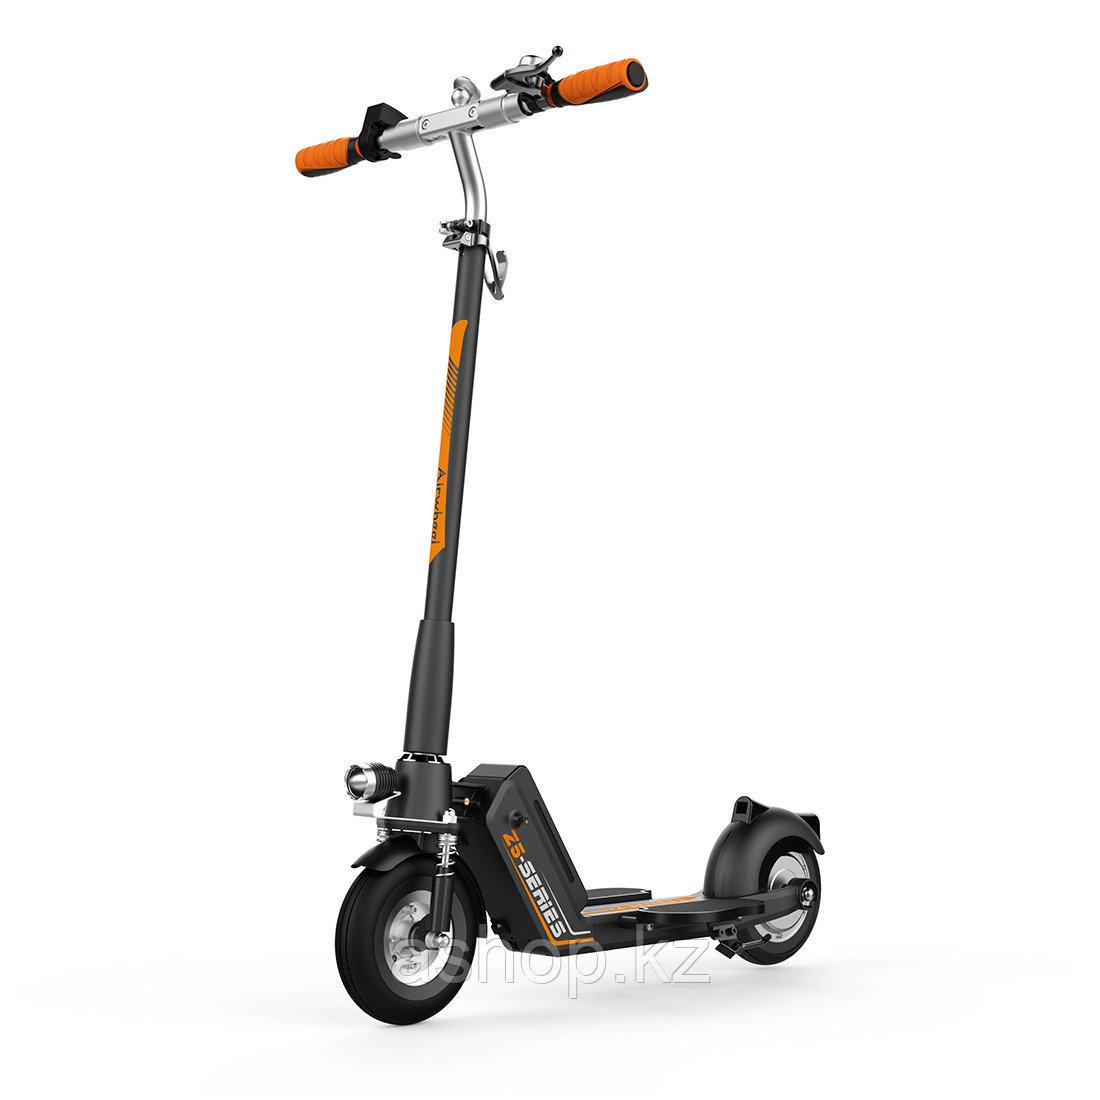 Самокат электрический Airwheel Z5B, Скорость (max.): 20 км/ч, Запас хода: 20 - 25 км, Нагрузка: 100 кг, Угол п